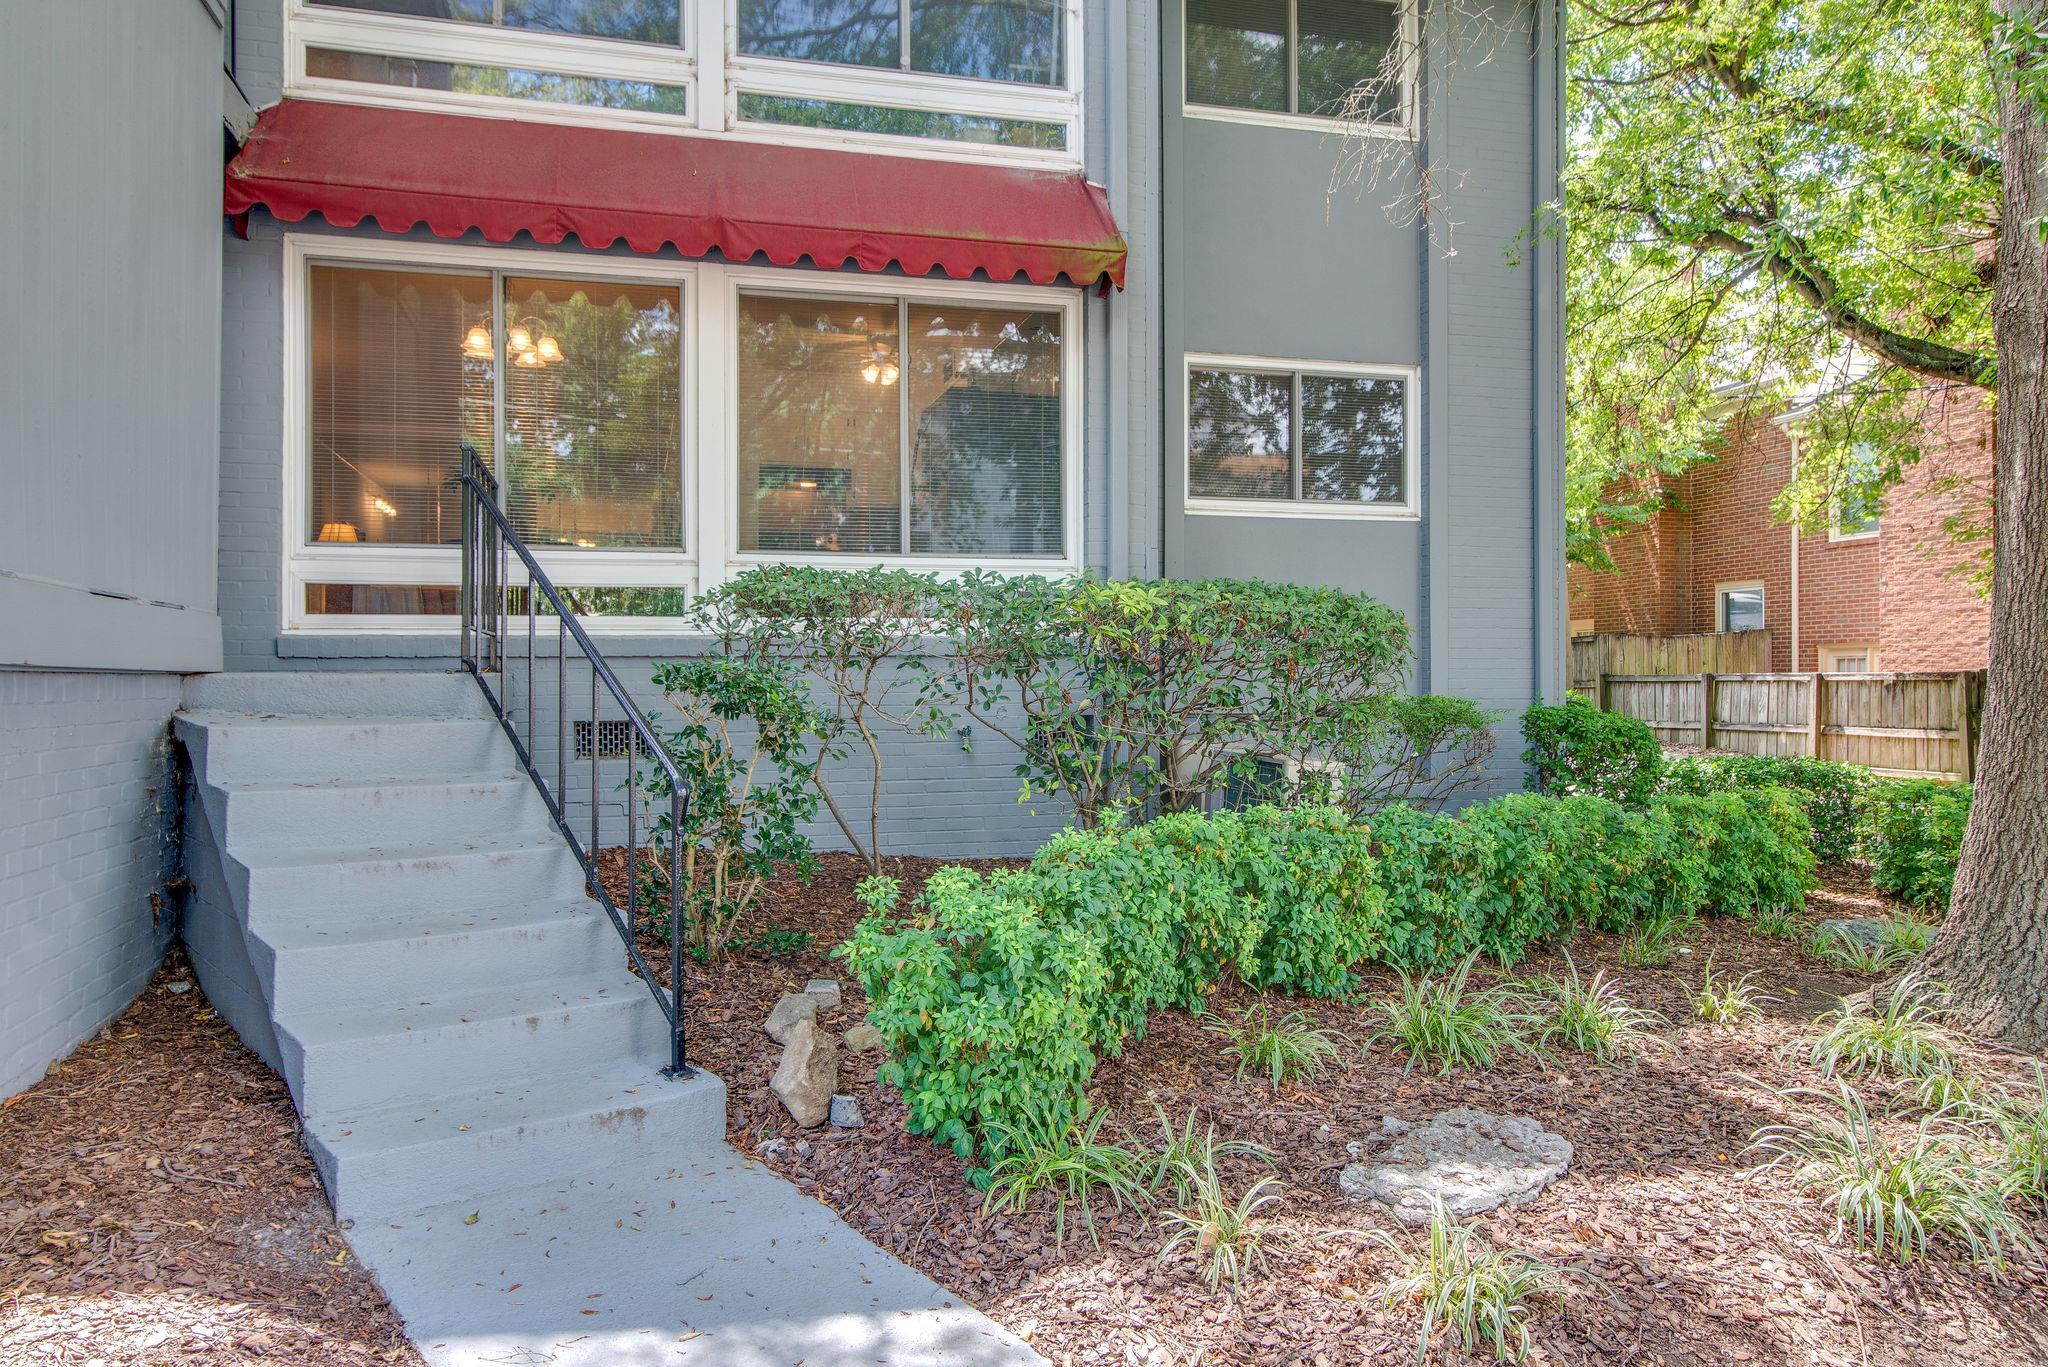 201 Acklen Park Dr #4, Nashville, TN 37203 - Nashville, TN real estate listing